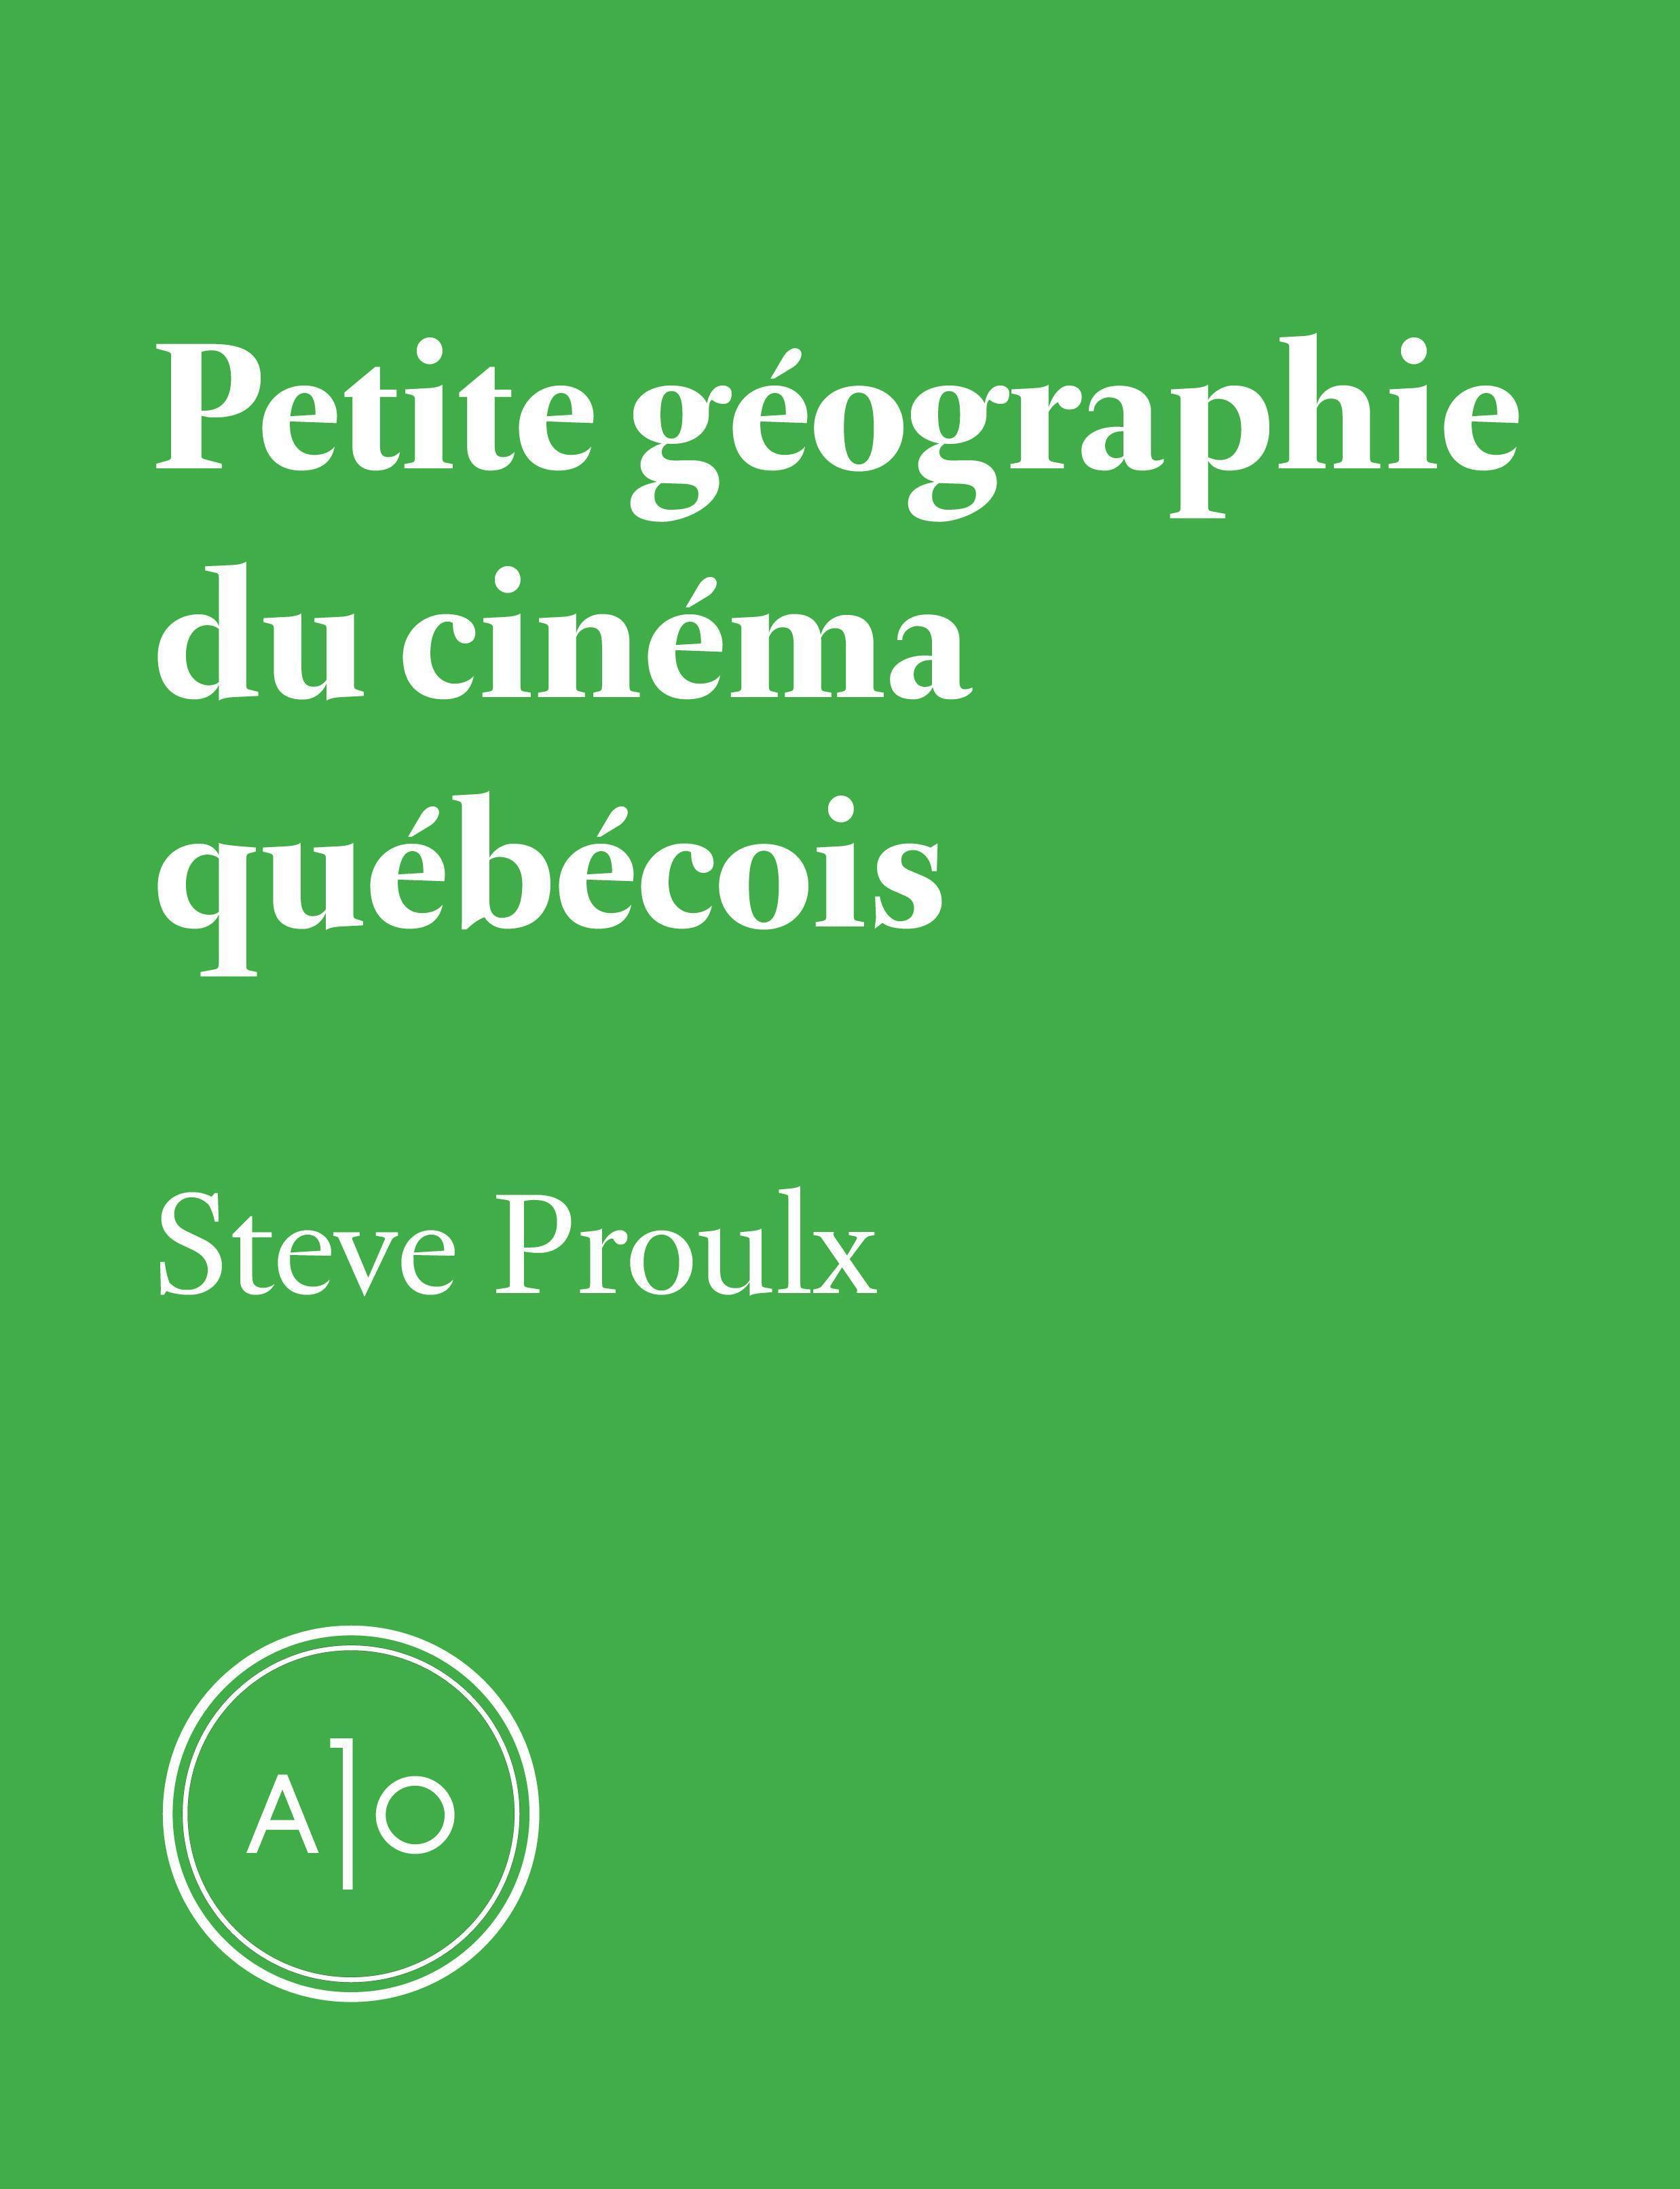 Petite géographie du cinéma québécois